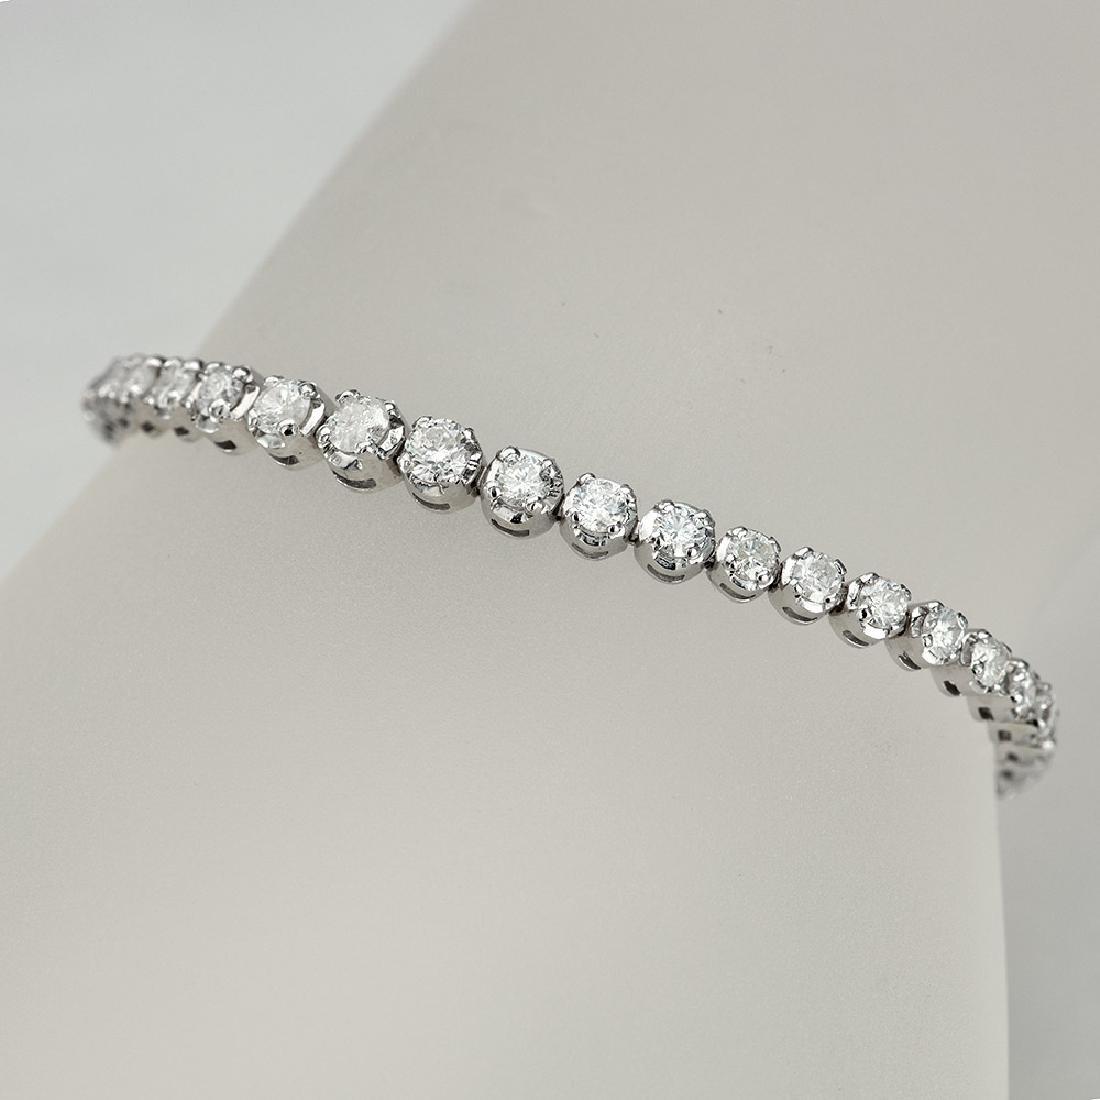 APP: 12k *Fine Jewelry 14KT White Gold, 4.00CT Round